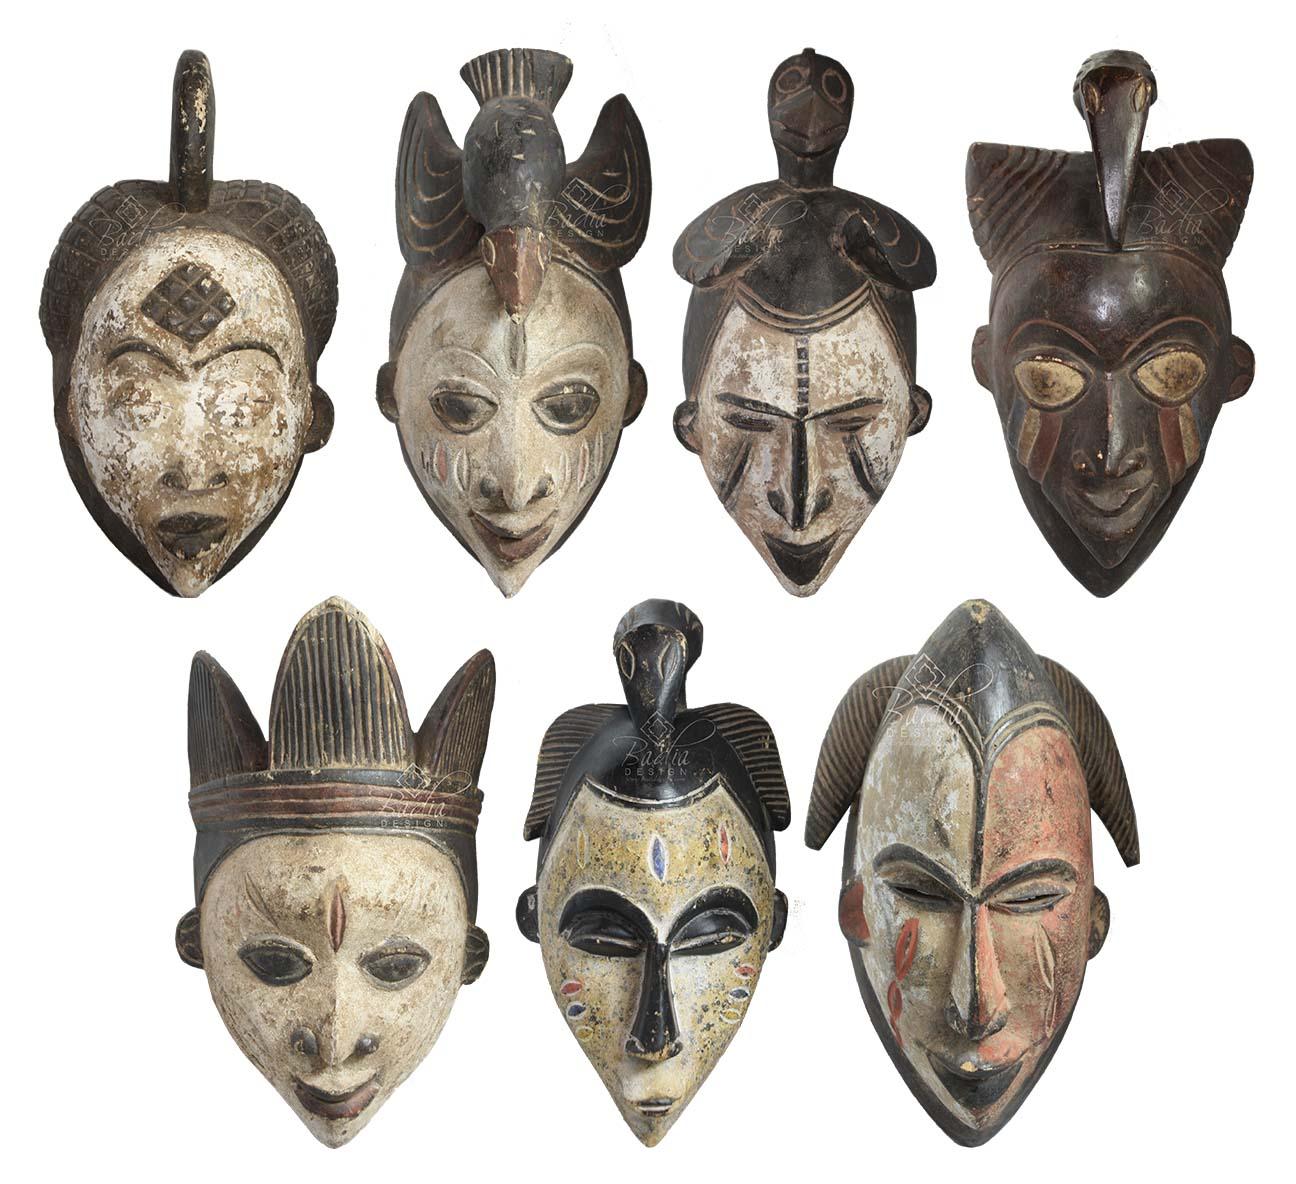 handmade-african-wooden-masks-hd224.jpg